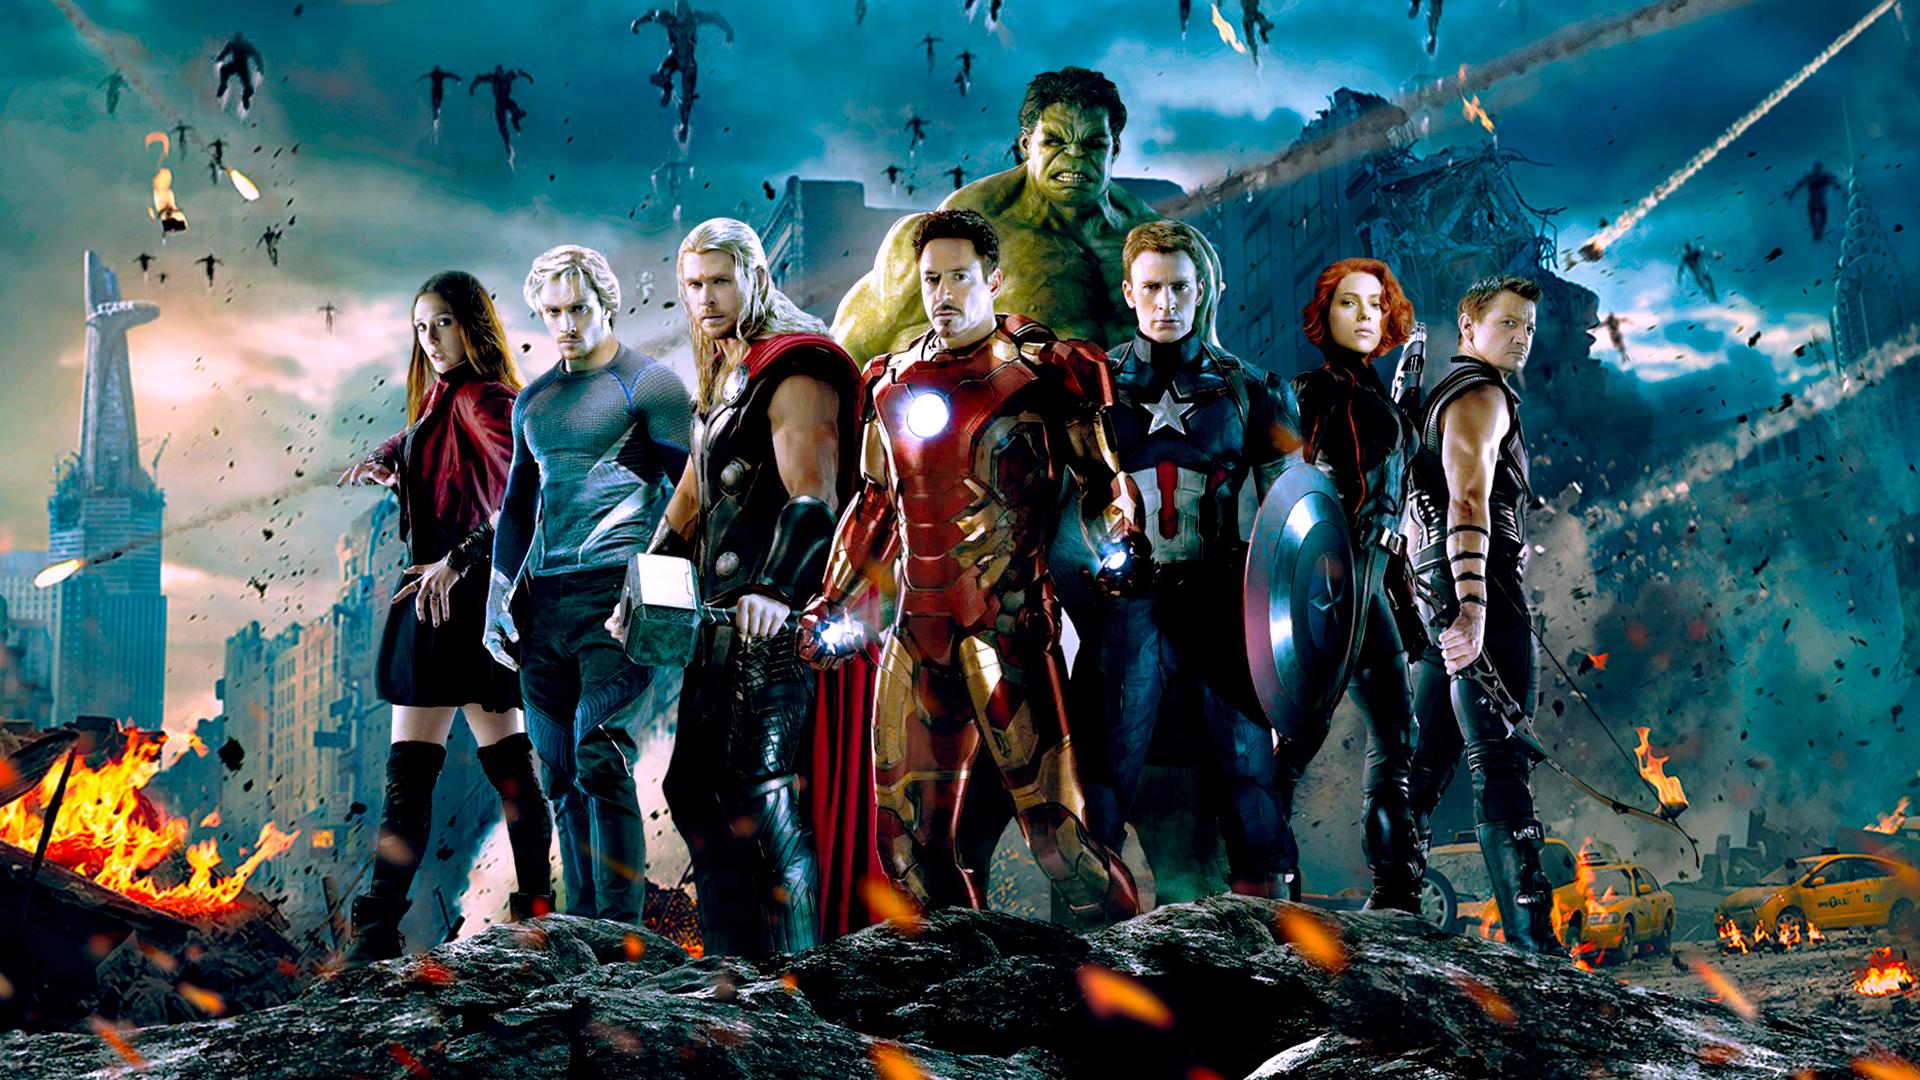 avengers marvel superhero wallpaper - photo #10